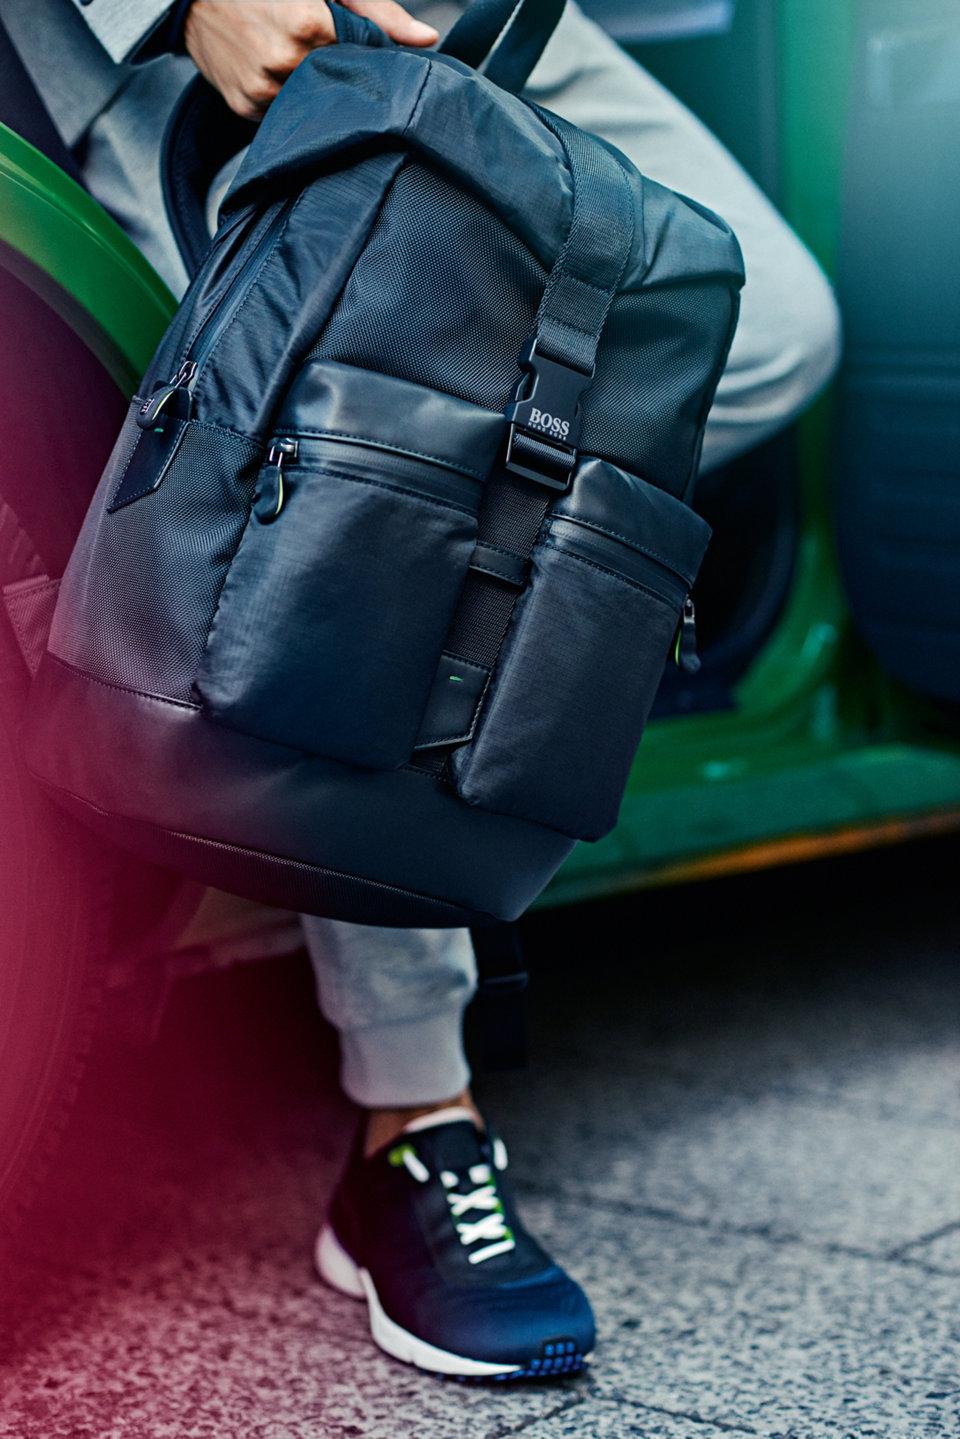 Puristische, einfarbige Teile und kräftige Prints ‒ Rucksäcke und Reisetaschen werden in vielseitigen Designs angeboten, die perfekt für einen Wochenendtrip oder für unterwegs geeignetsind